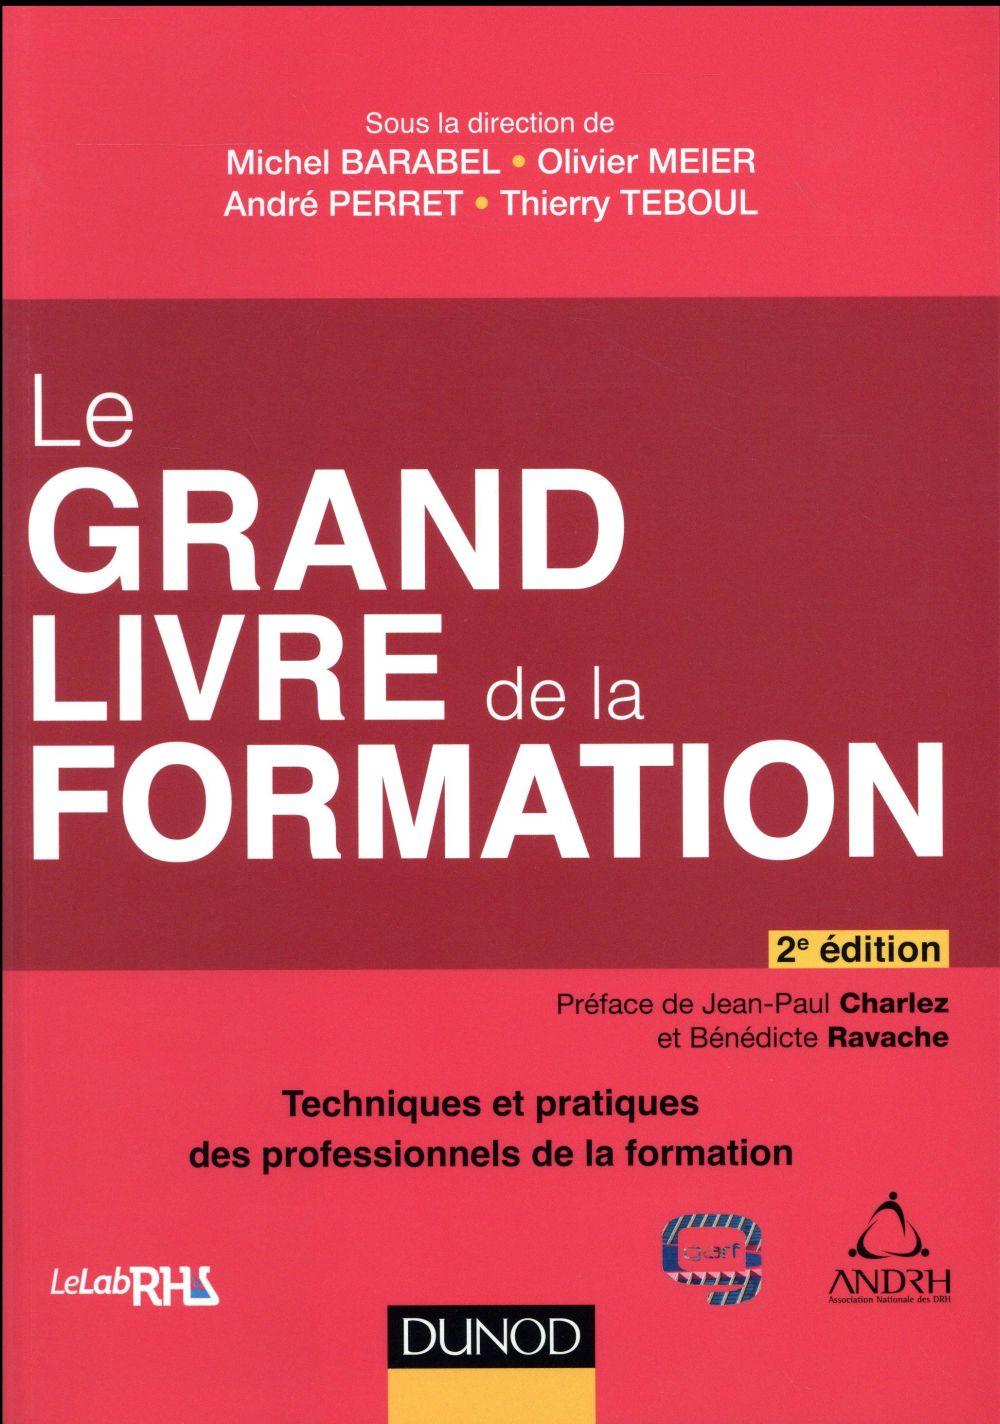 Le grand livre de la formation (2e édition)